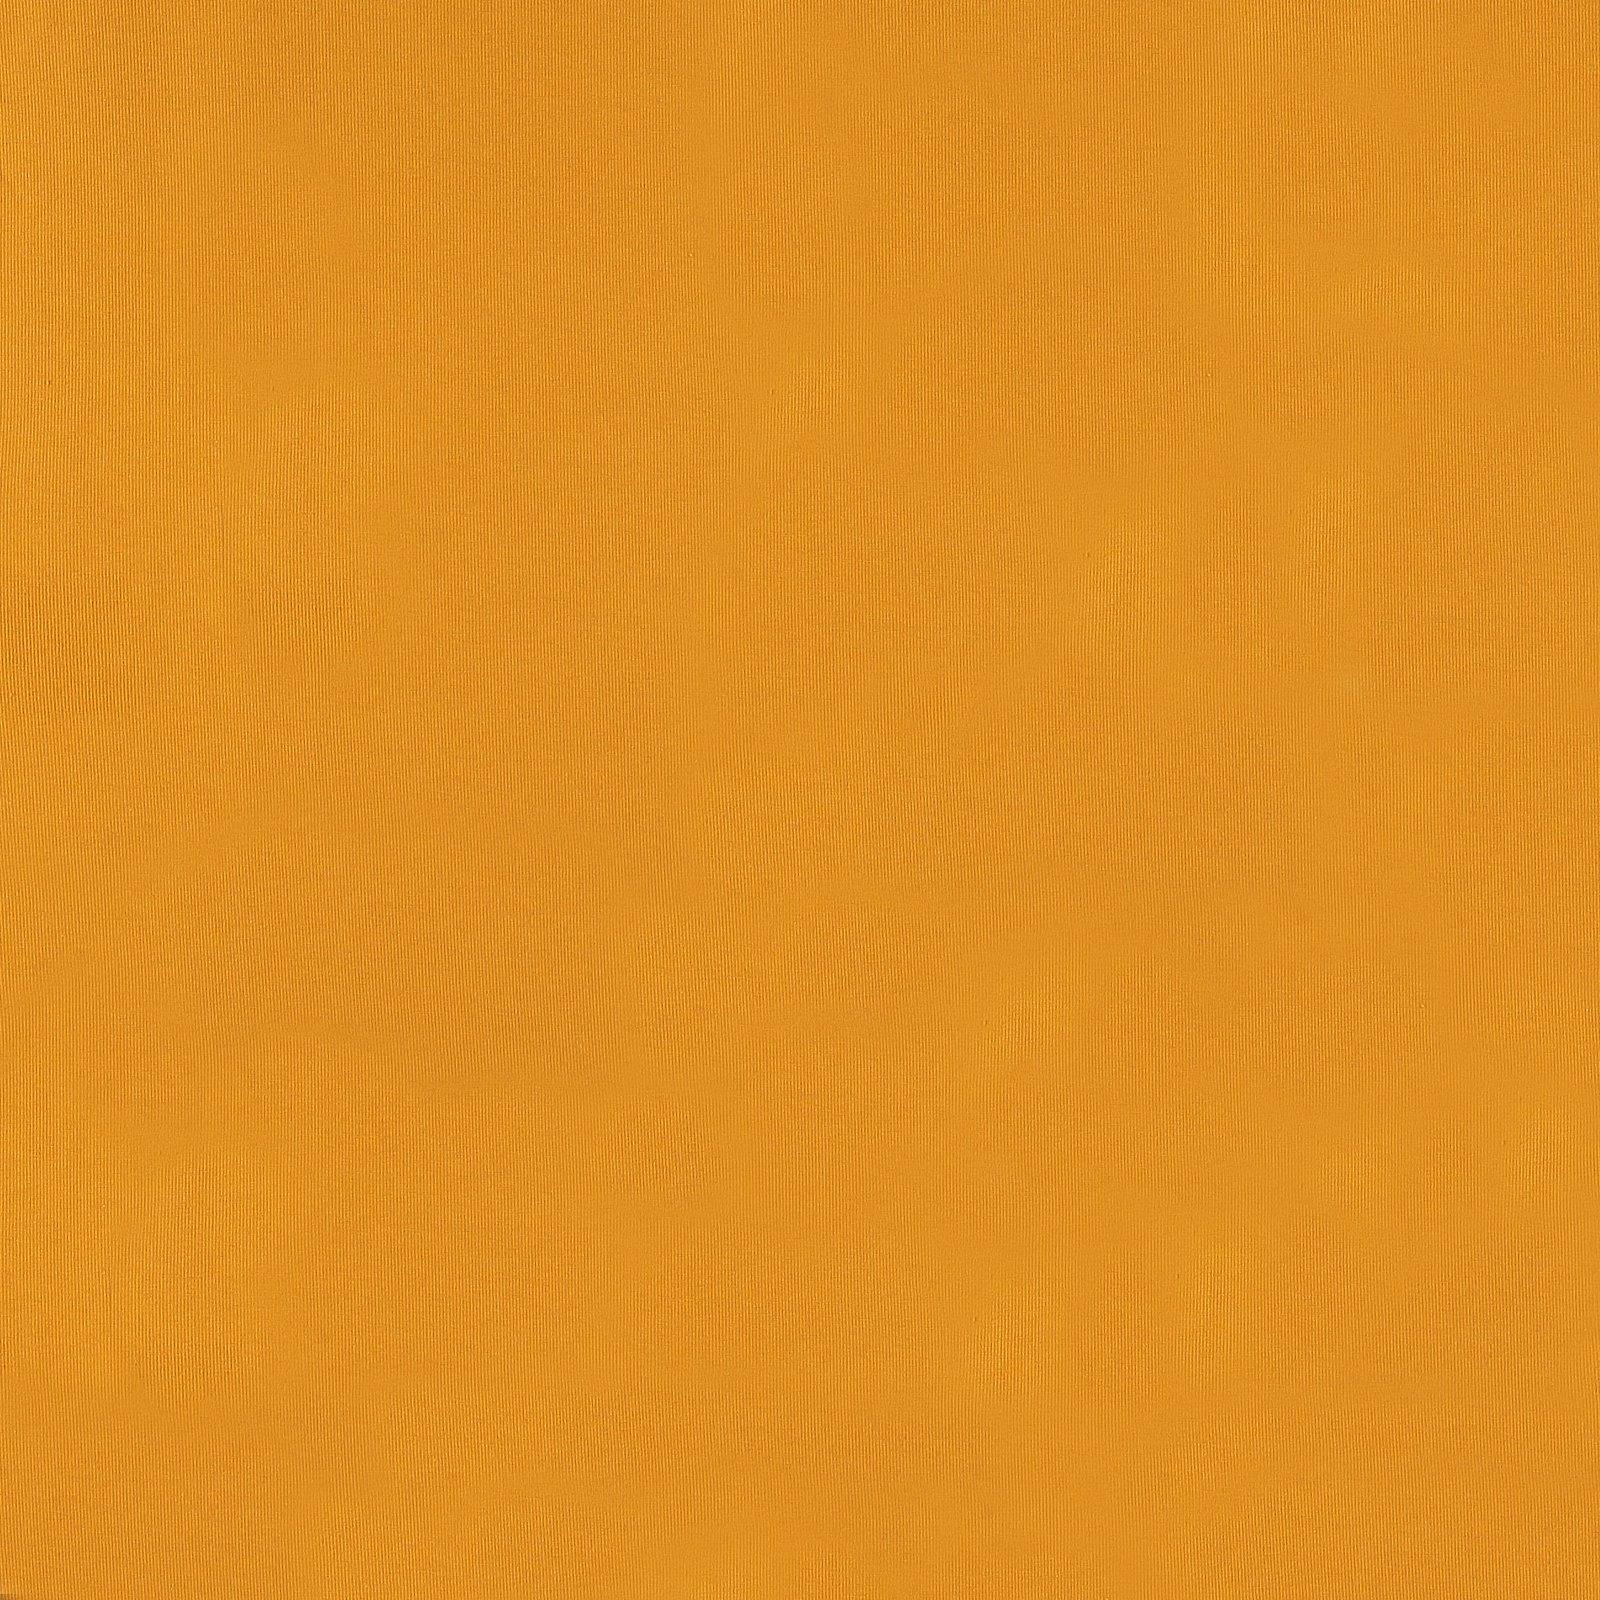 Organic 2x2 rib dark wam yellow 270040_pack_solid